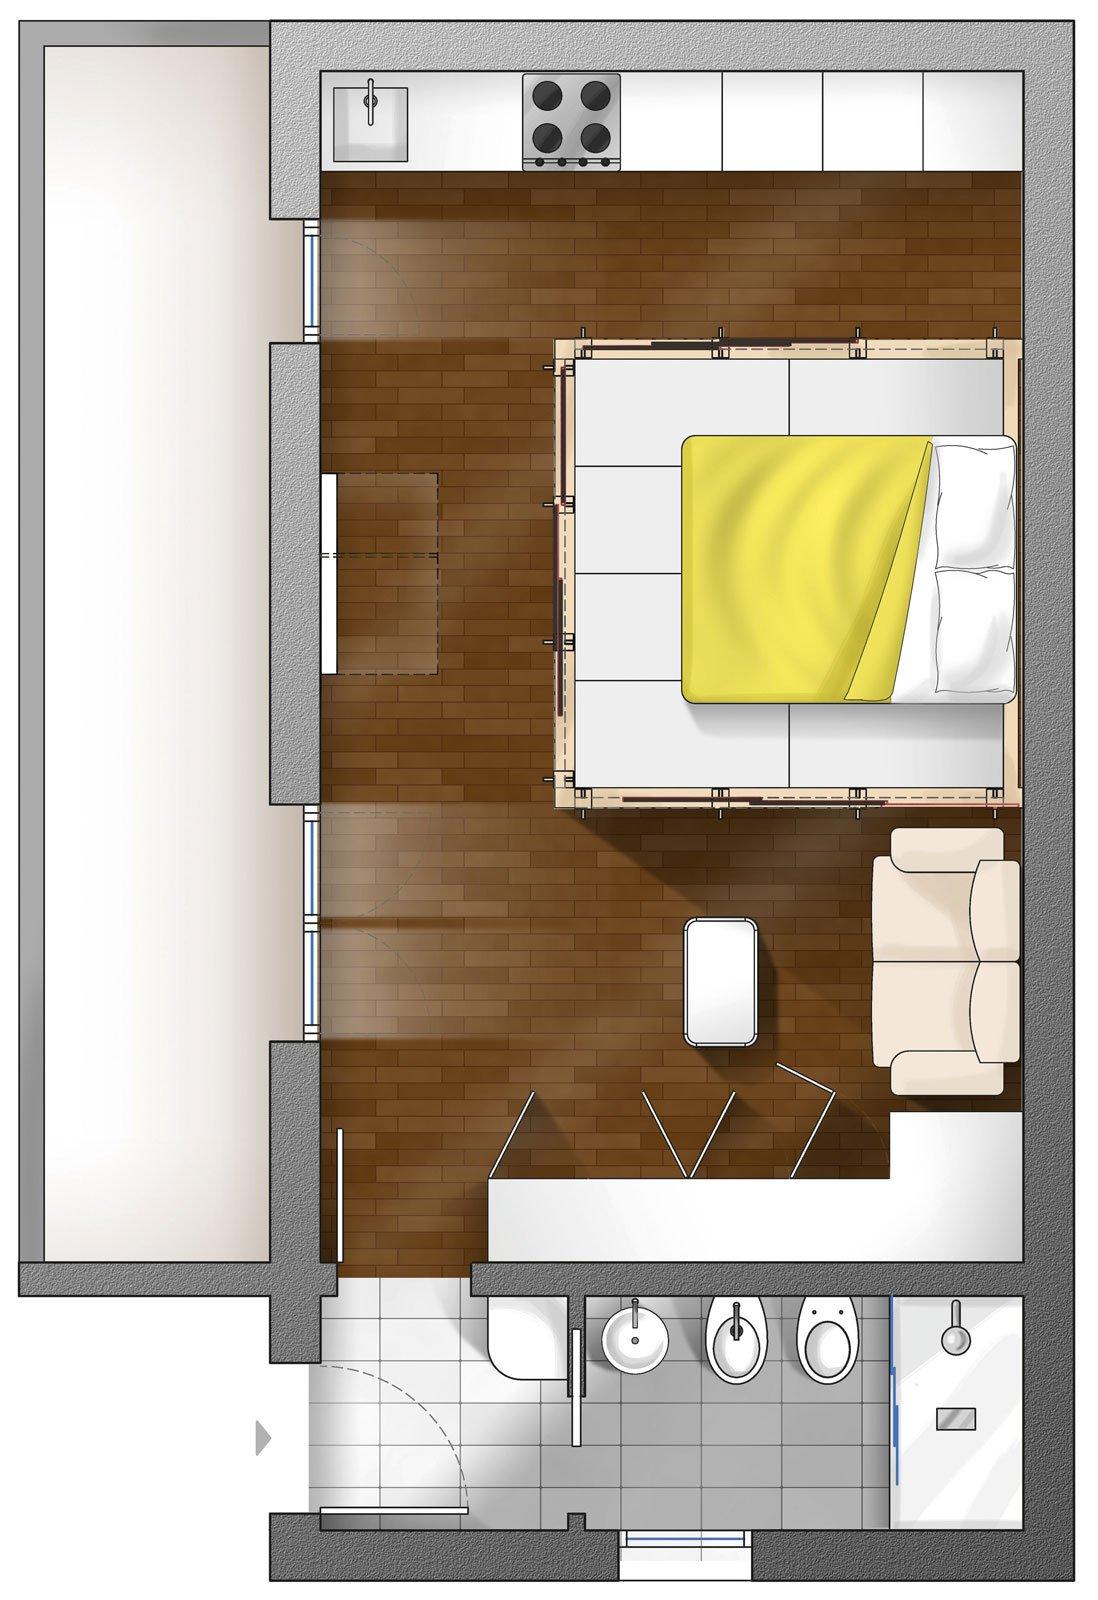 Come ricavo una zona notte schermata guarda il progetto for Progetto 3d cucina